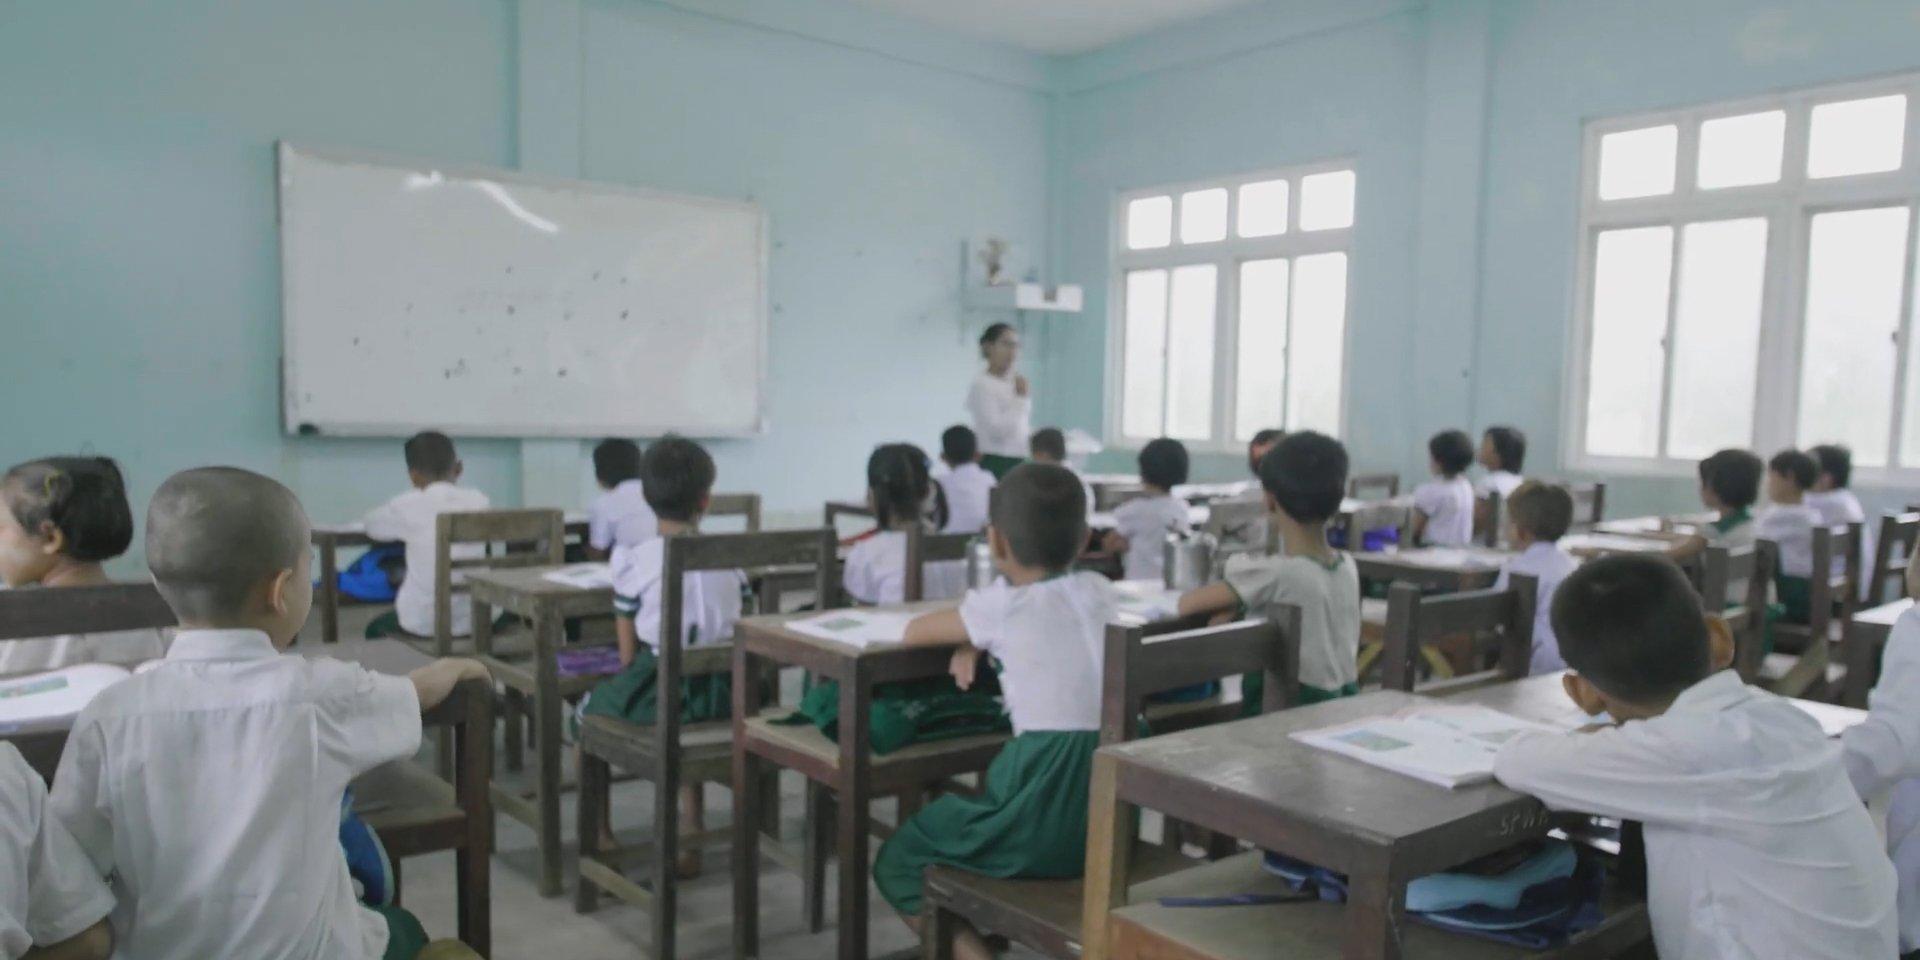 写真:ディーゼル発電機の代わりに当社のソーラーシステムの電気を使い始めたミャンマーの学校。